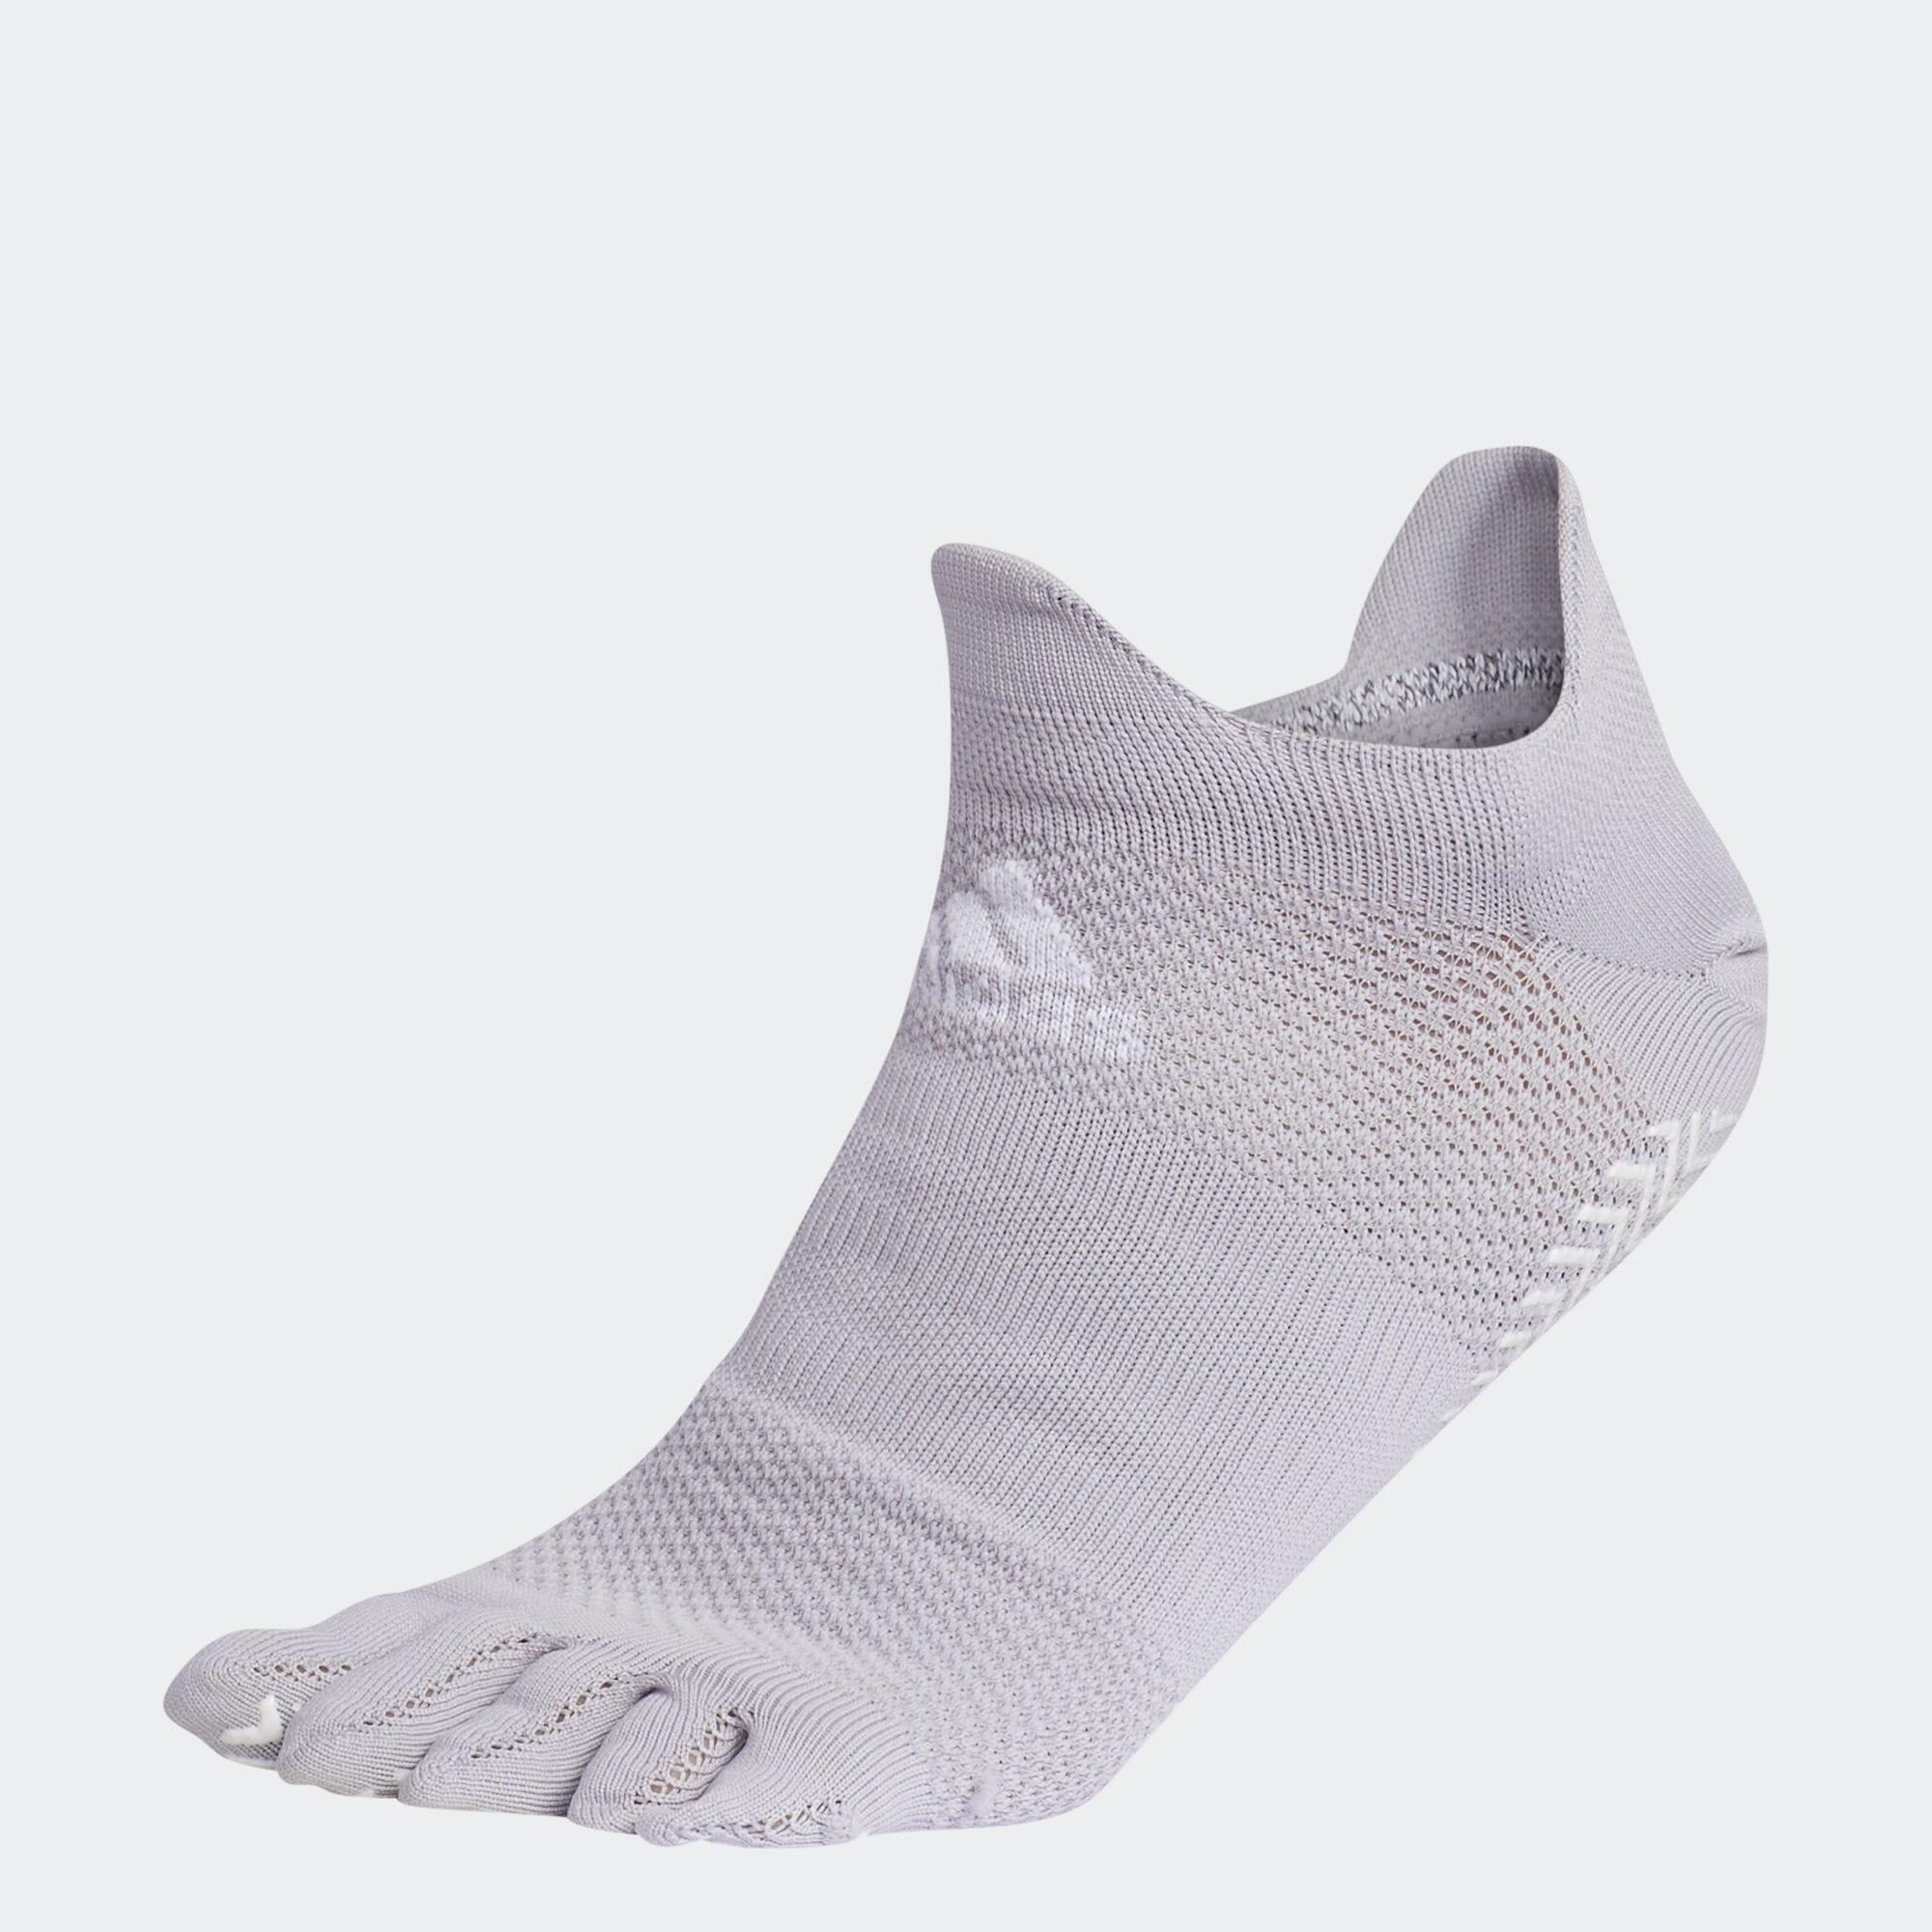 アディゼロ 5本指 ランニングソックス / Adizero 5F Running Socks